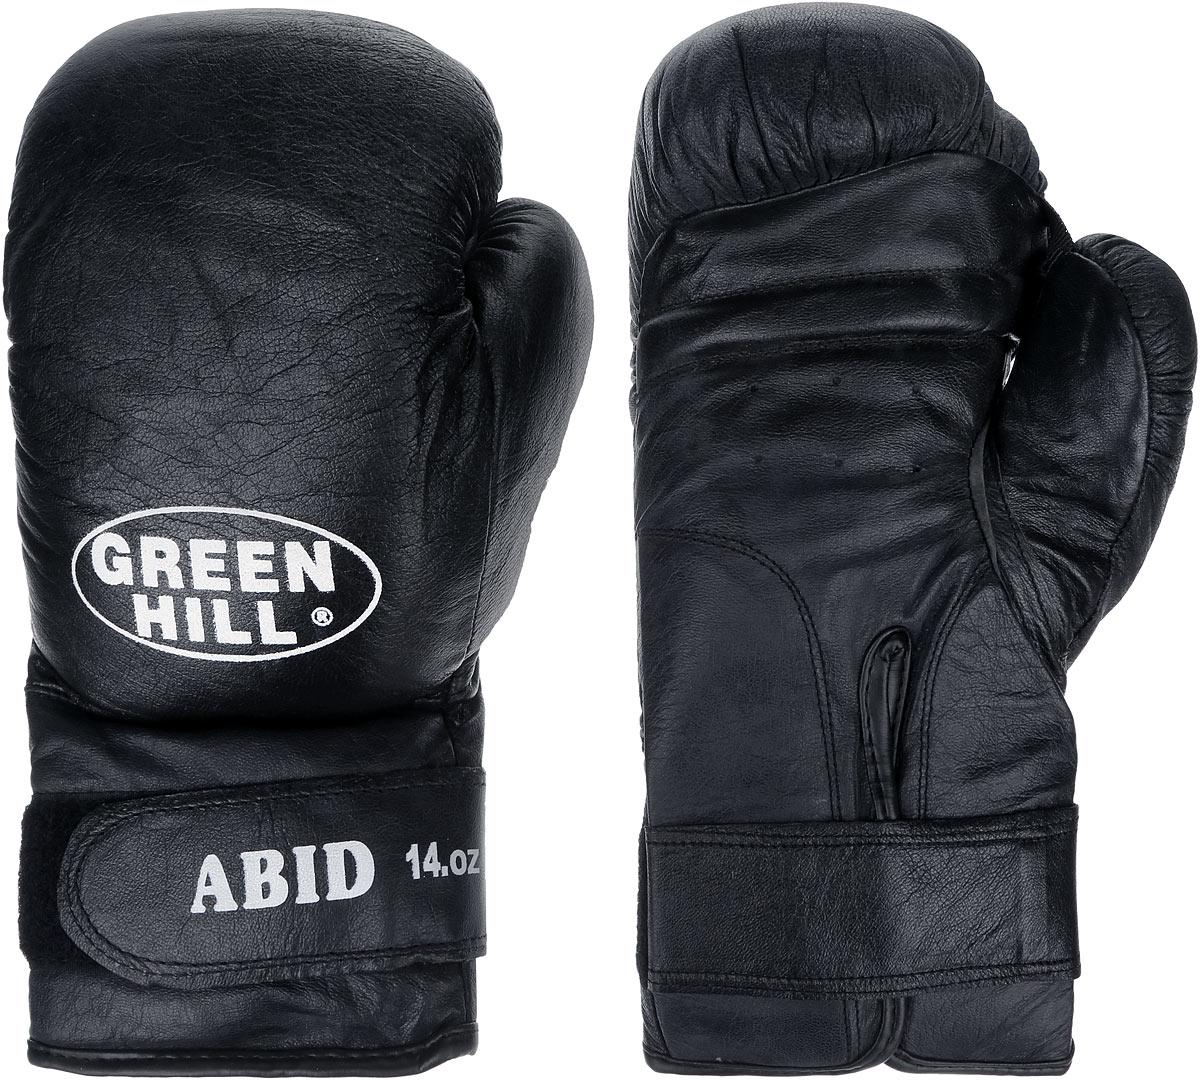 Перчатки боксерские Green Hill Abid, цвет: черный, белый. Вес 14 унцийBGA-2024Боксерские тренировочные перчатки Green Hill Abid выполнены из натуральной кожи. Они отлично подойдут для начинающих спортсменов. Мягкий наполнитель из очеса предотвращает любые травмы. Отверстия в районе ладони обеспечивают вентиляцию. Широкий ремень, охватывая запястье, полностью оборачивается вокруг манжеты, благодаря чему создается дополнительная защита лучезапястного сустава от травмирования. Застежка на липучке способствует быстрому и удобному одеванию перчаток, плотно фиксирует перчатки на руке.